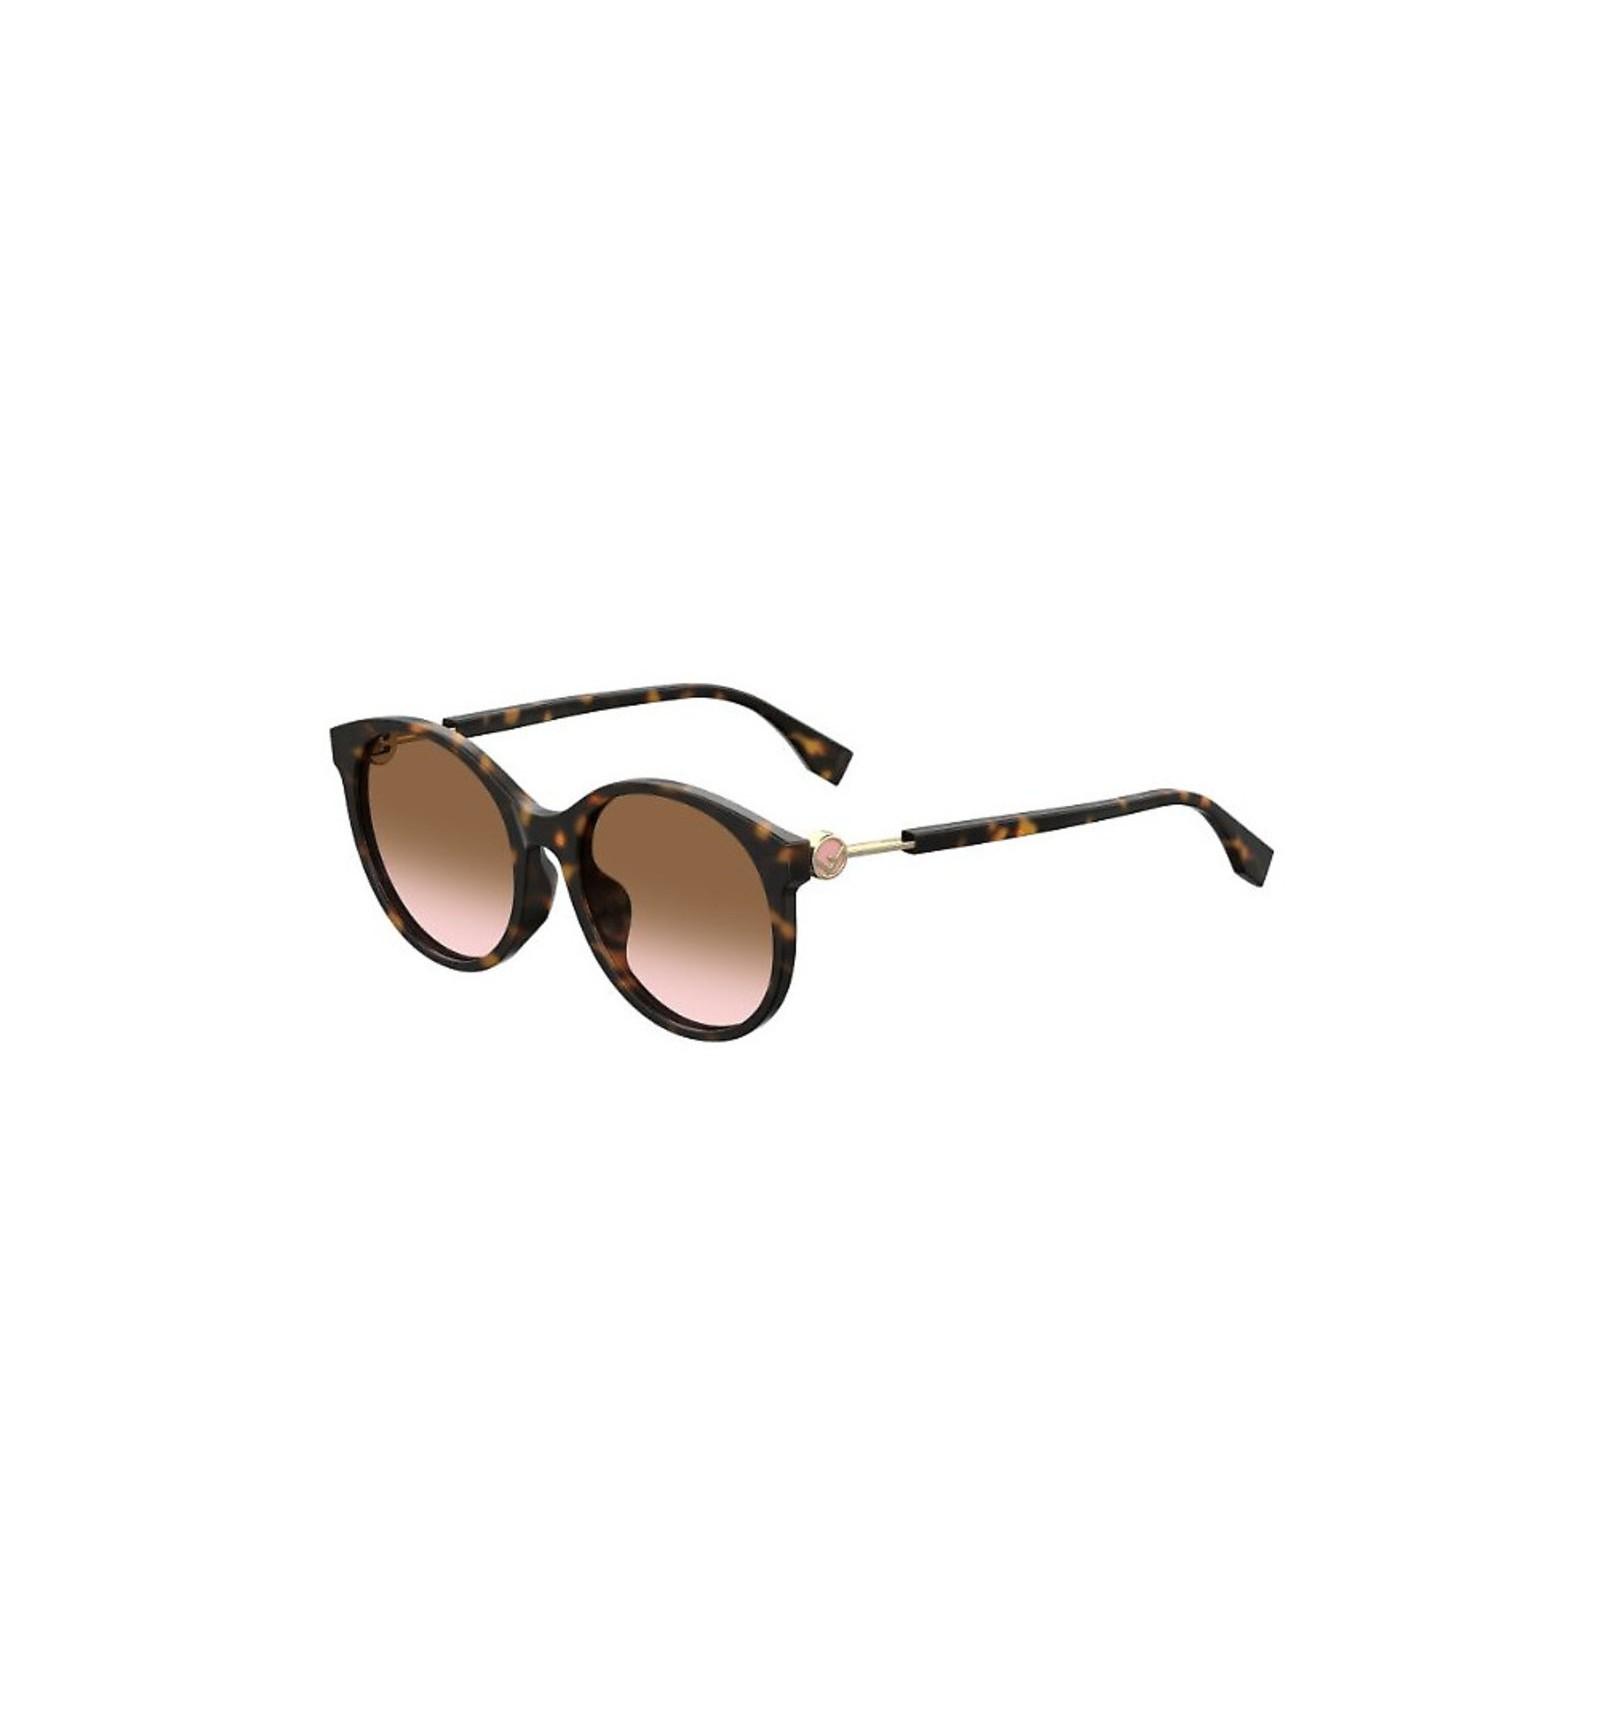 64f5f6c0f8 Nuevo 2019 Gafas de sol Fendi FF0362S Dark Havana - Brown Pink Sfumato  (086-M2)